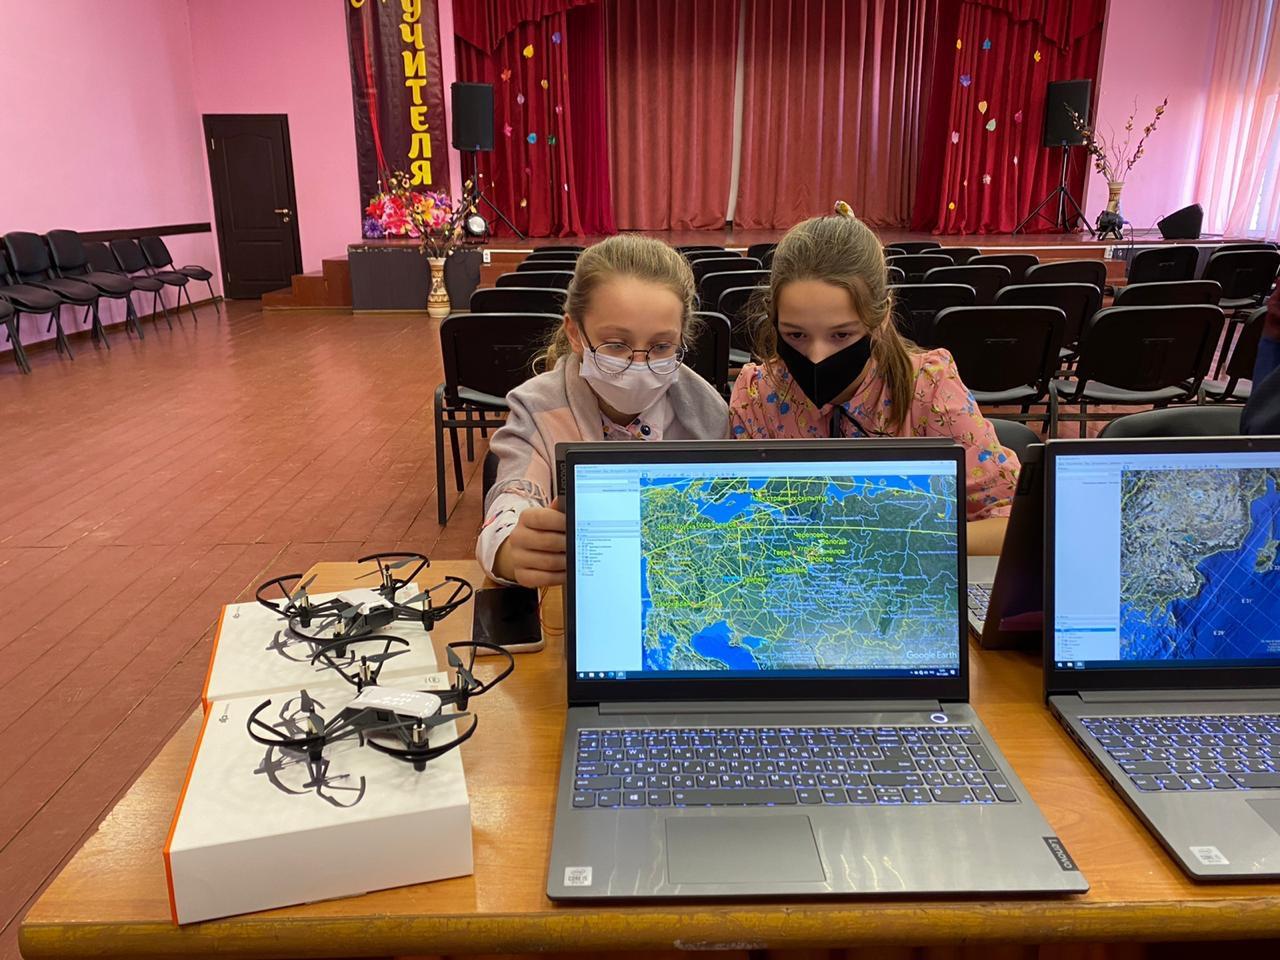 Ярославский детский технопарк впервые прибыл в Некрасовский район